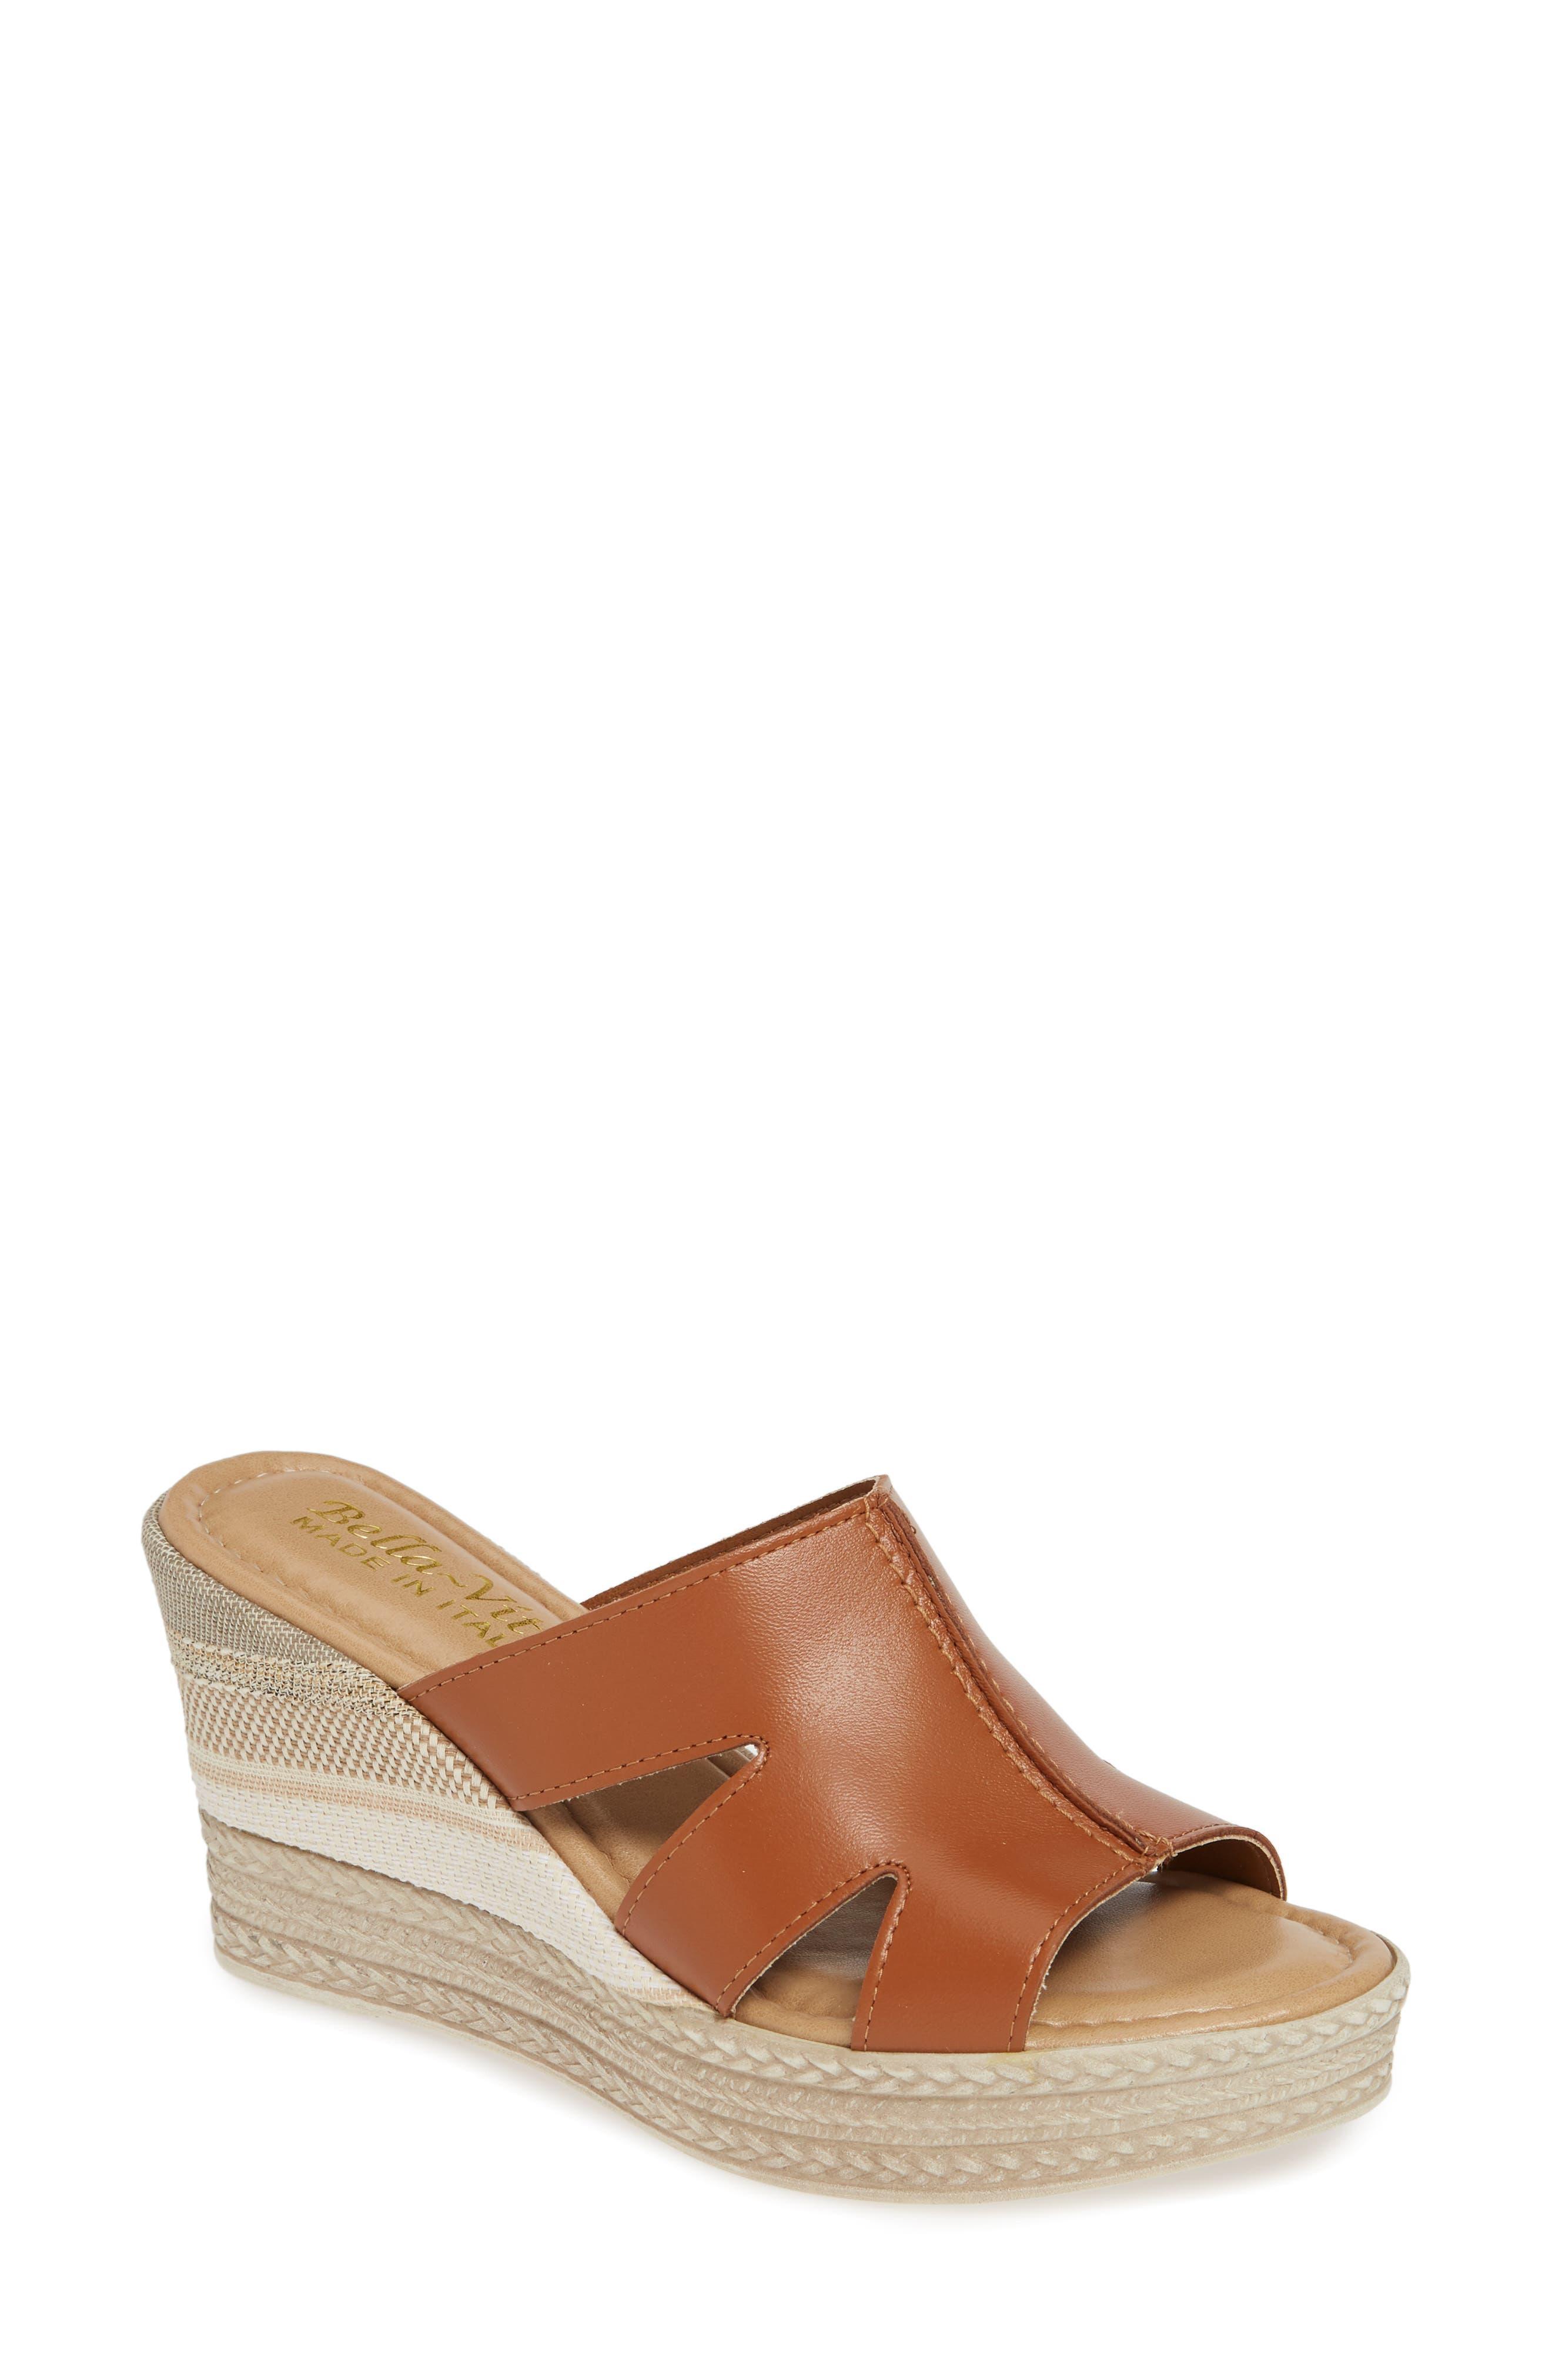 Bella Vita Rox Wedge Slide Sandal, Brown